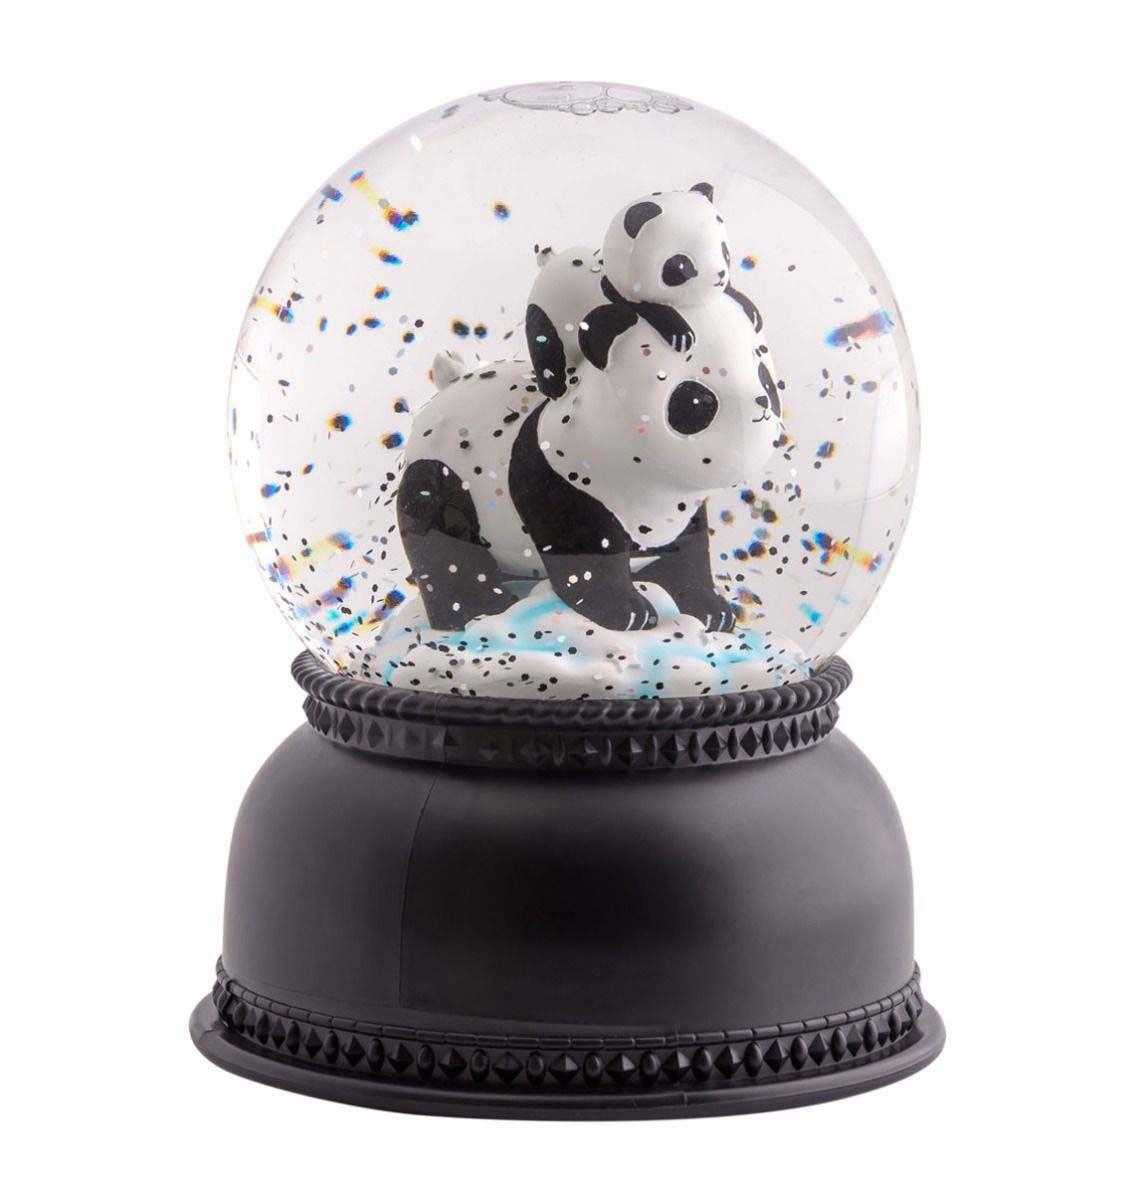 Veilleuse Boule à Neige Lumineuse Panda Boule à Neige Lumineuse Panda